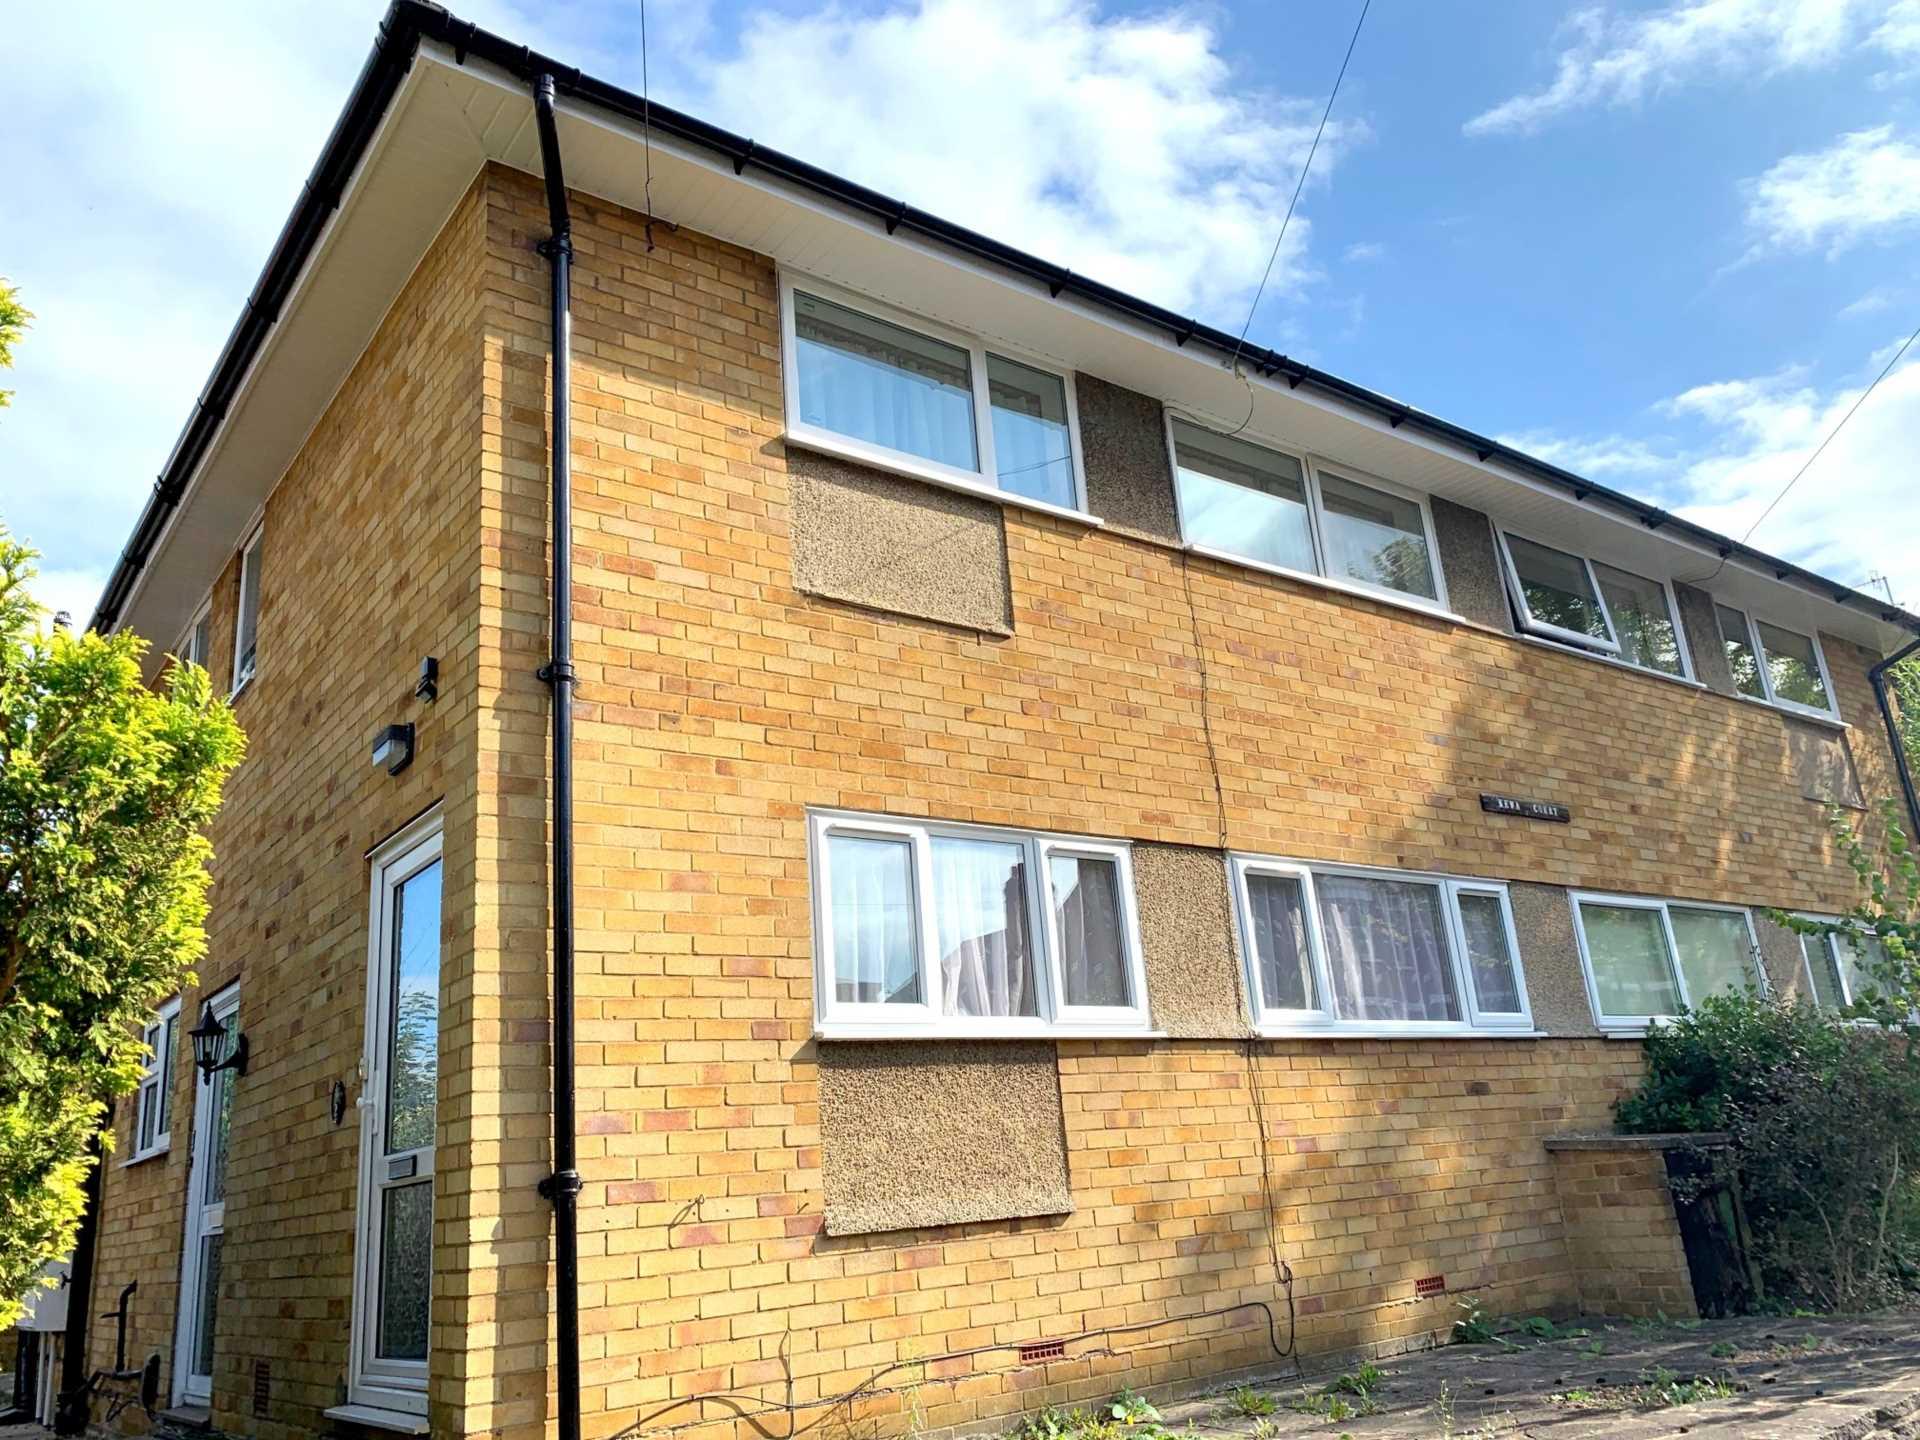 2 bed Maisonette for rent in Berkhamsted. From David Doyle (Boxmoor/Hemel Hempstead)